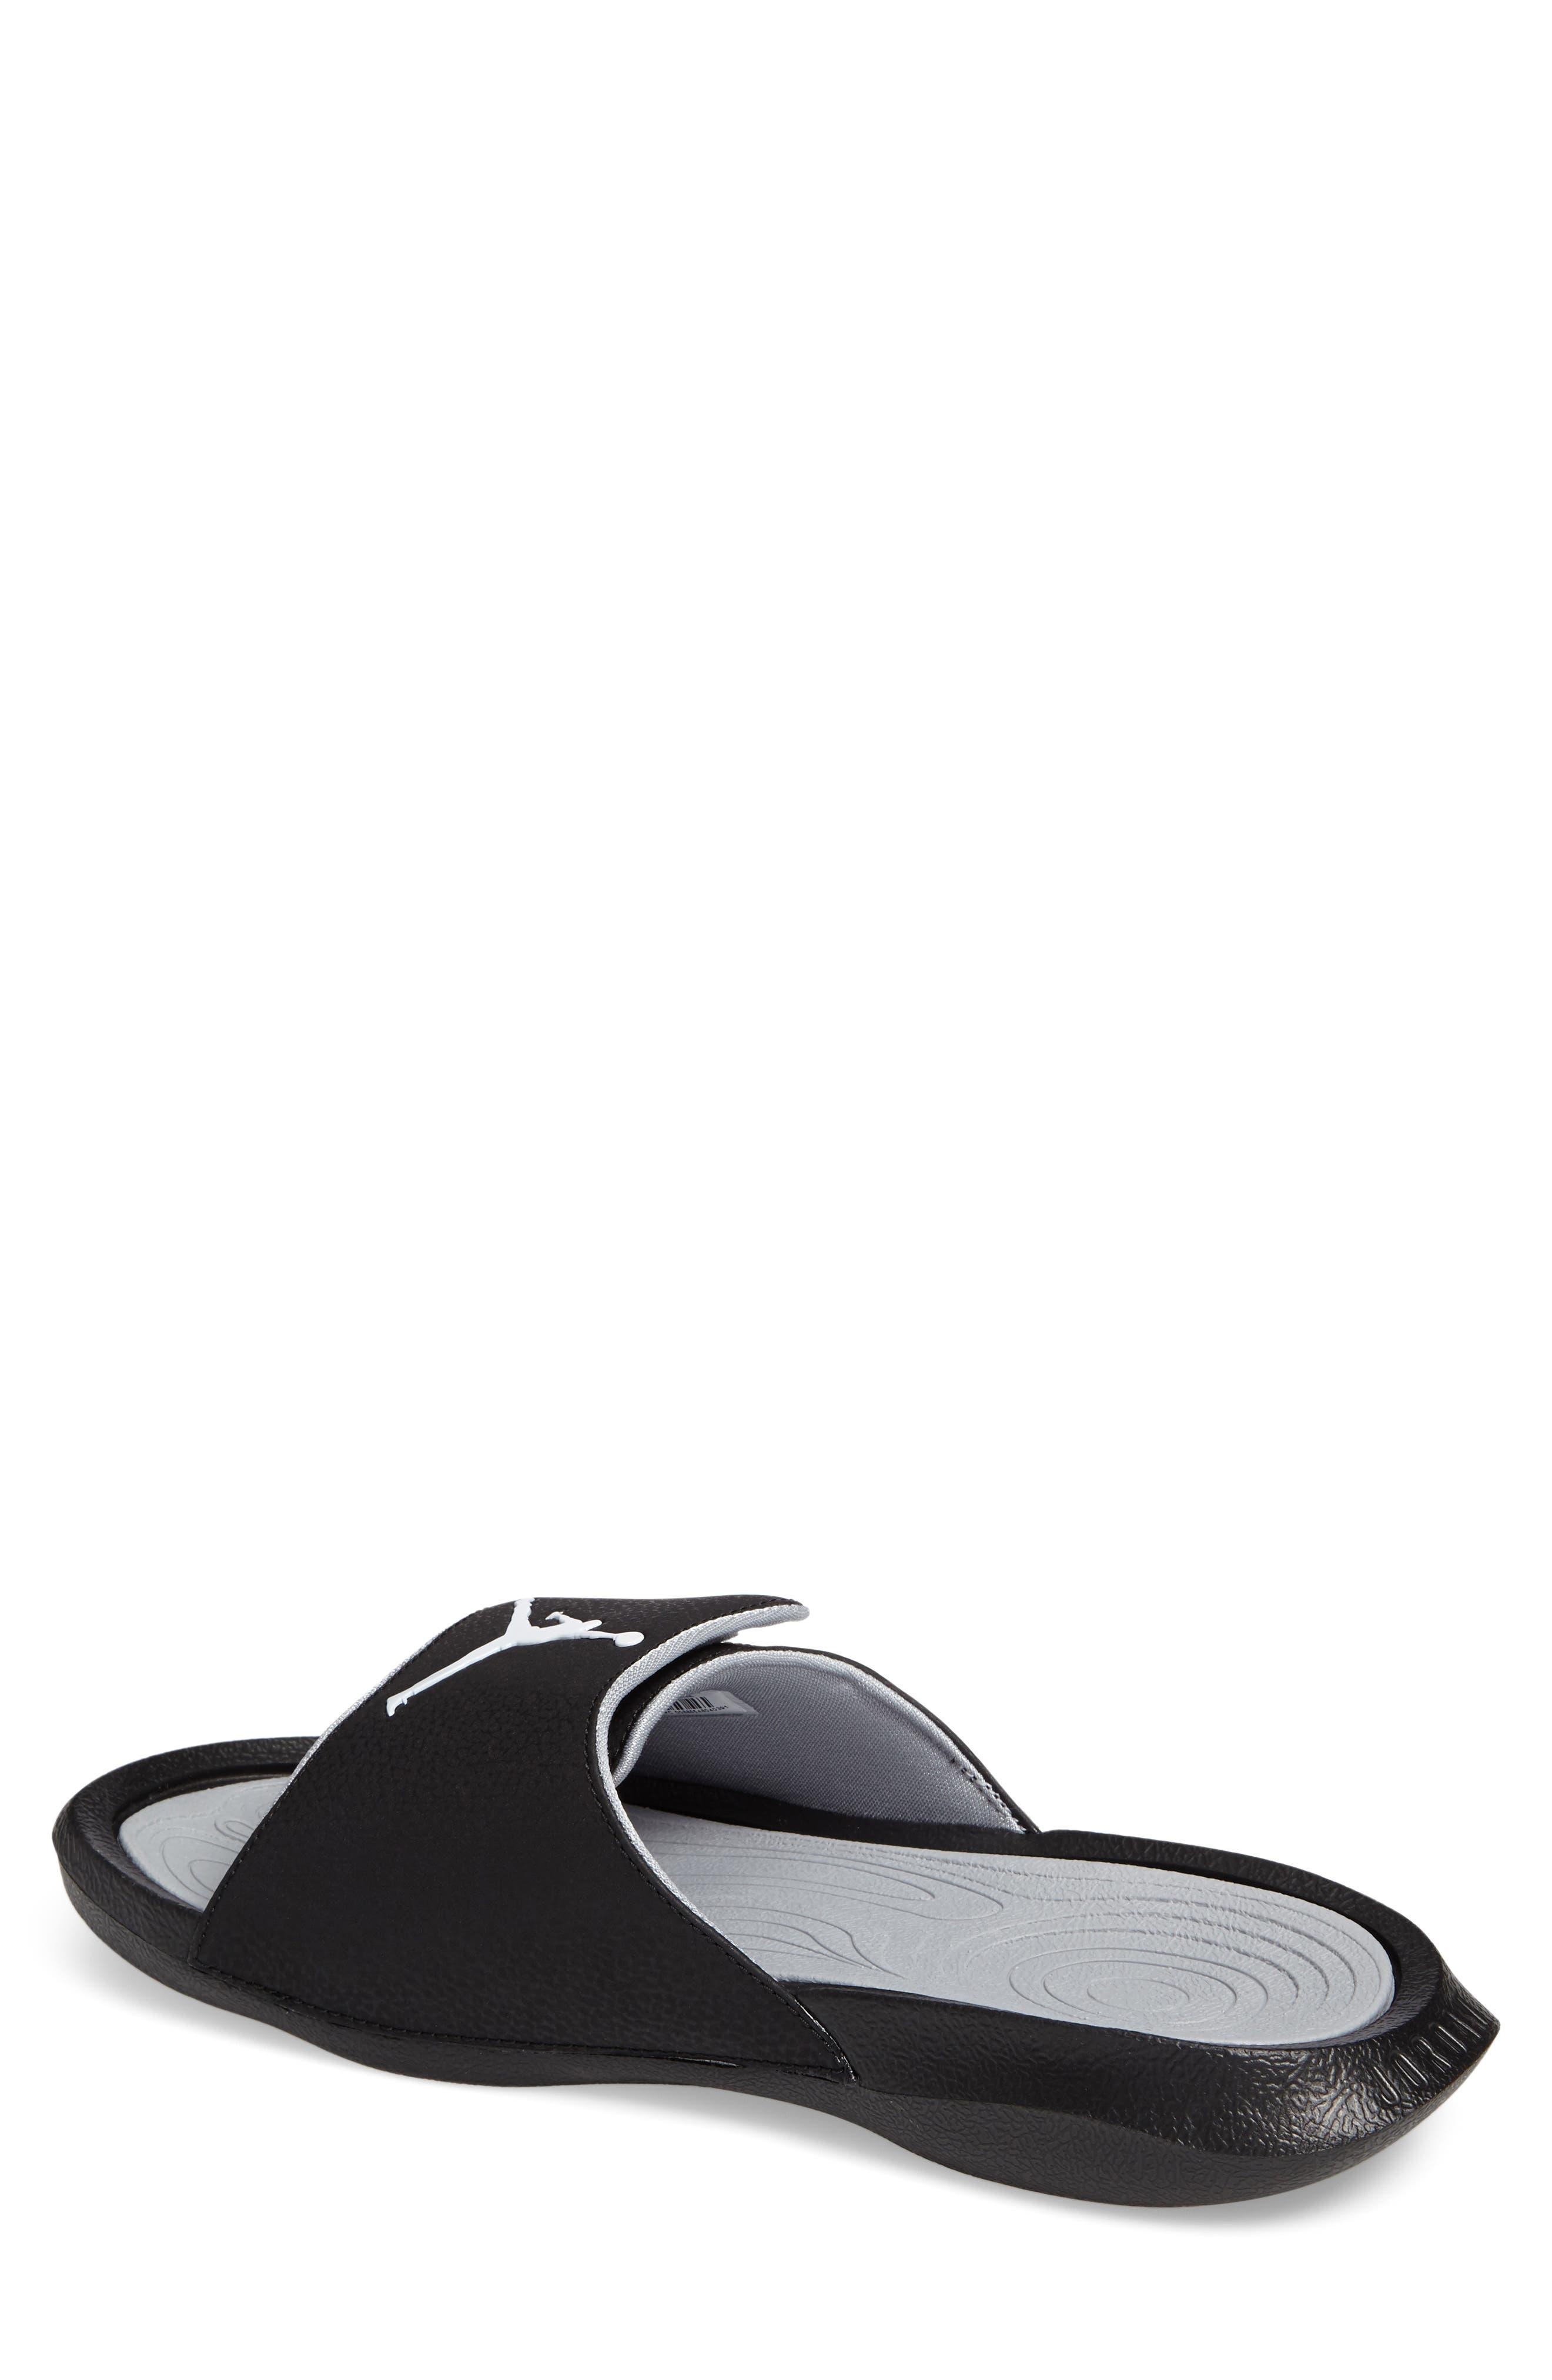 Alternate Image 2  - Nike Jordan Hydro 6 Slide Sandal (Men)